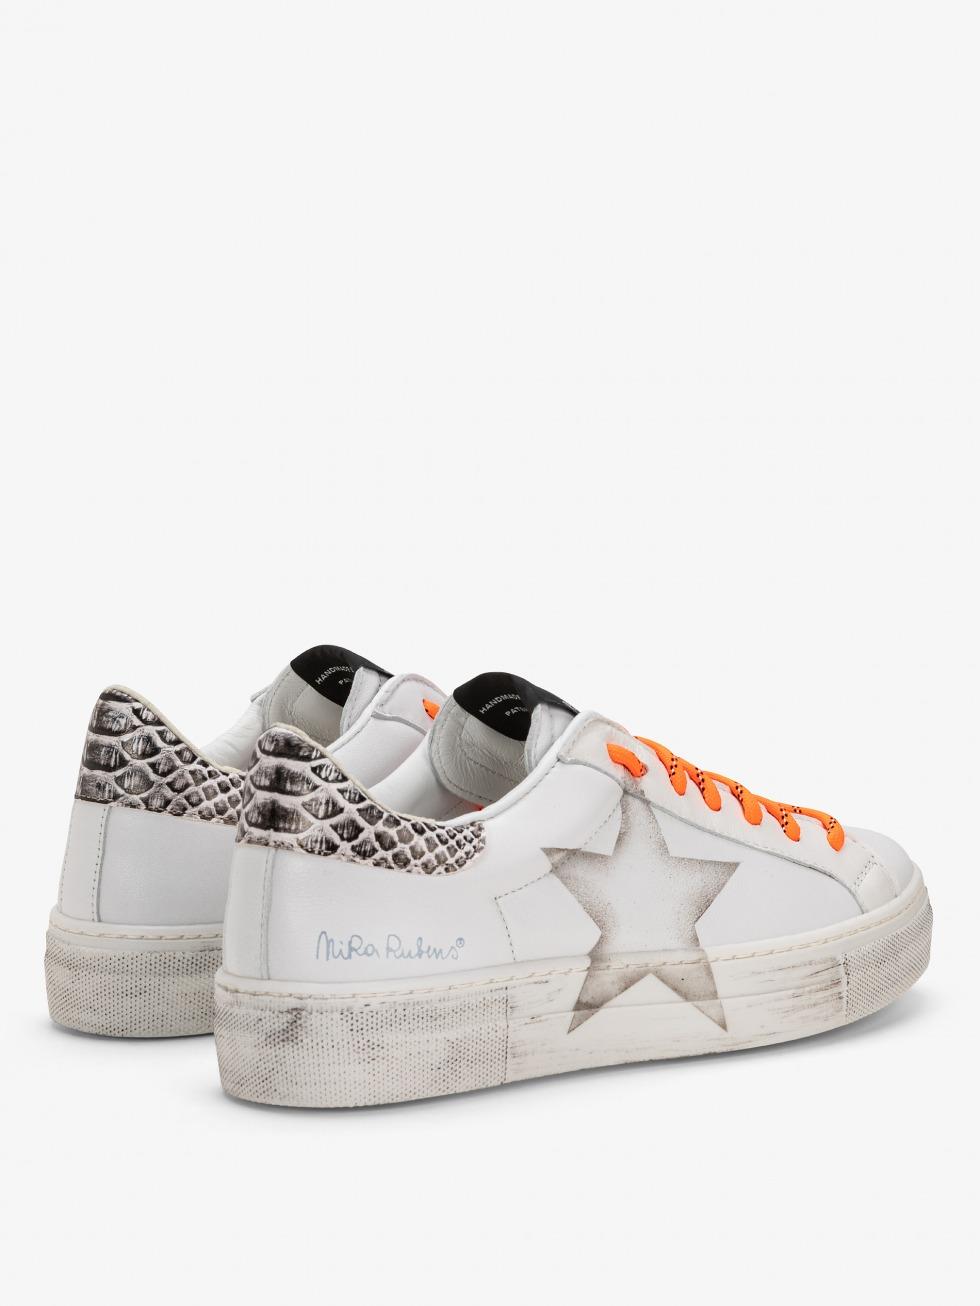 sneakers-bianche-donna-martini-vintage-cobra-stella (2)